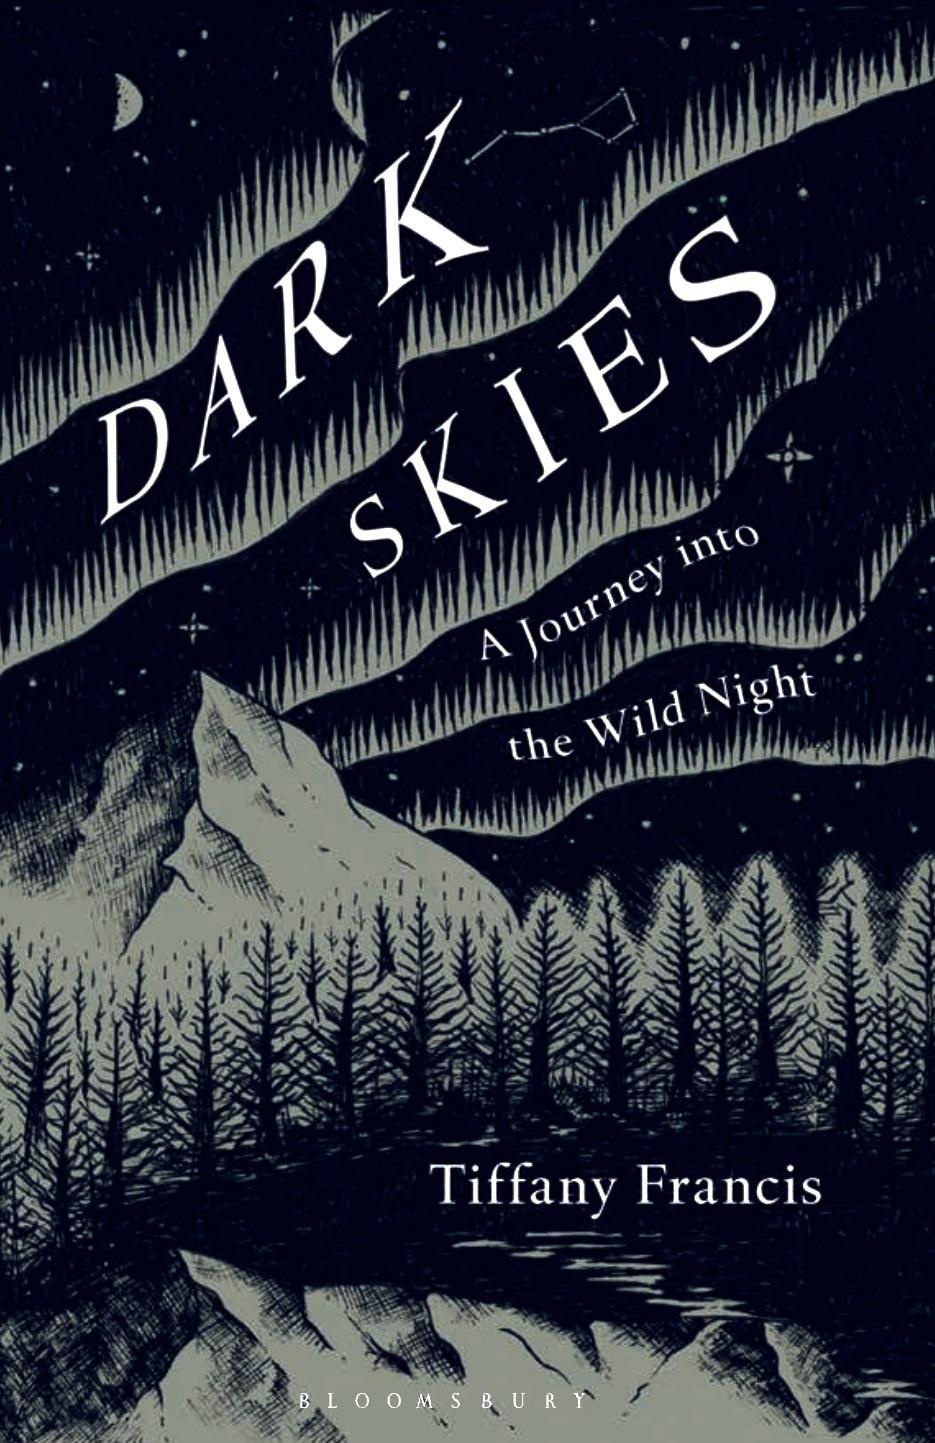 DARK+SKIES+COVER.jpg